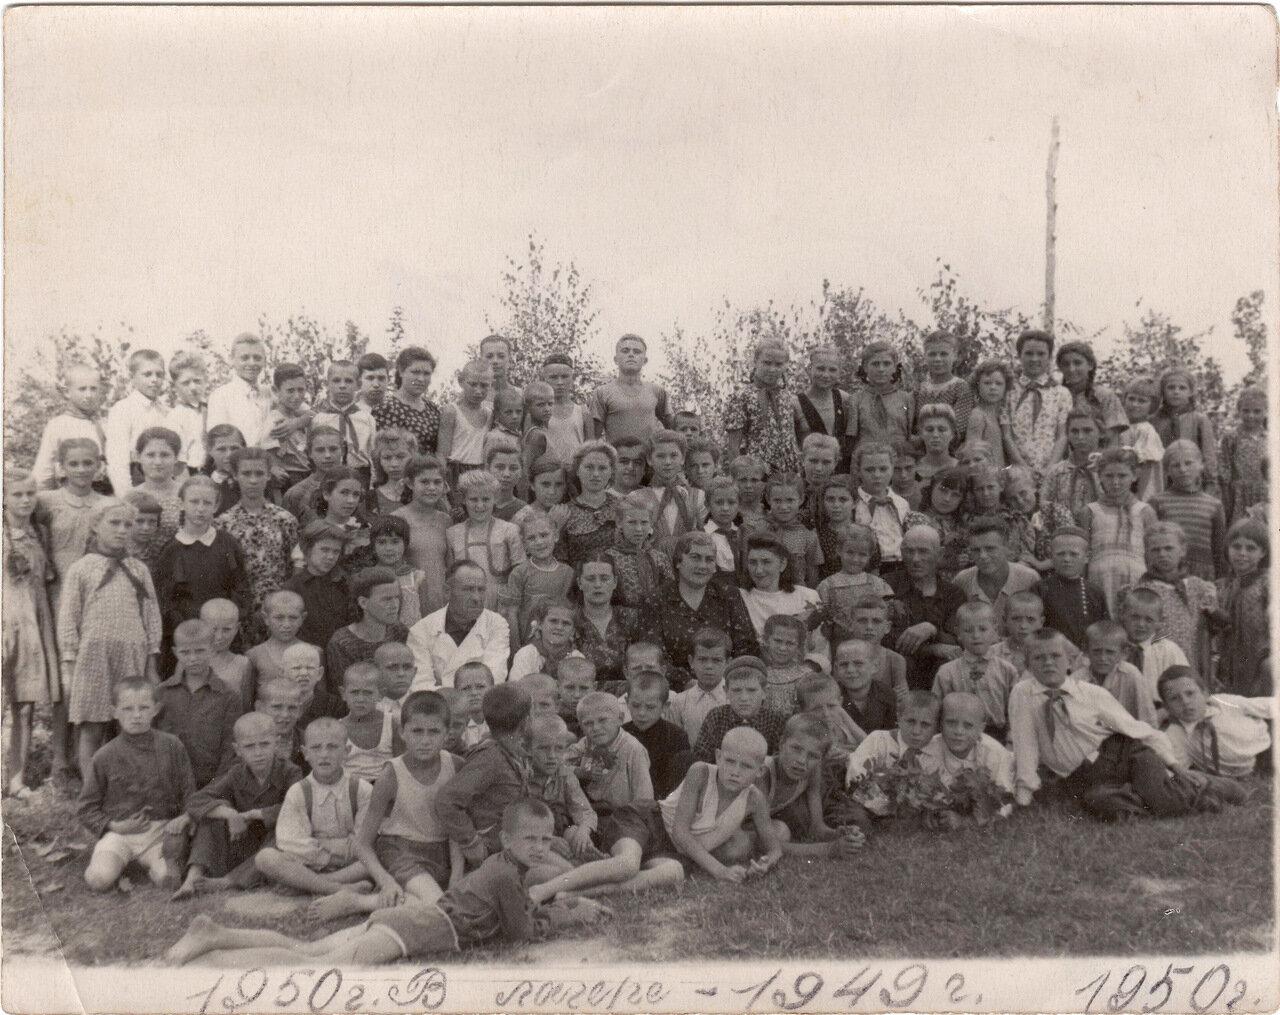 1949. Пионерский лагерь в Полонном